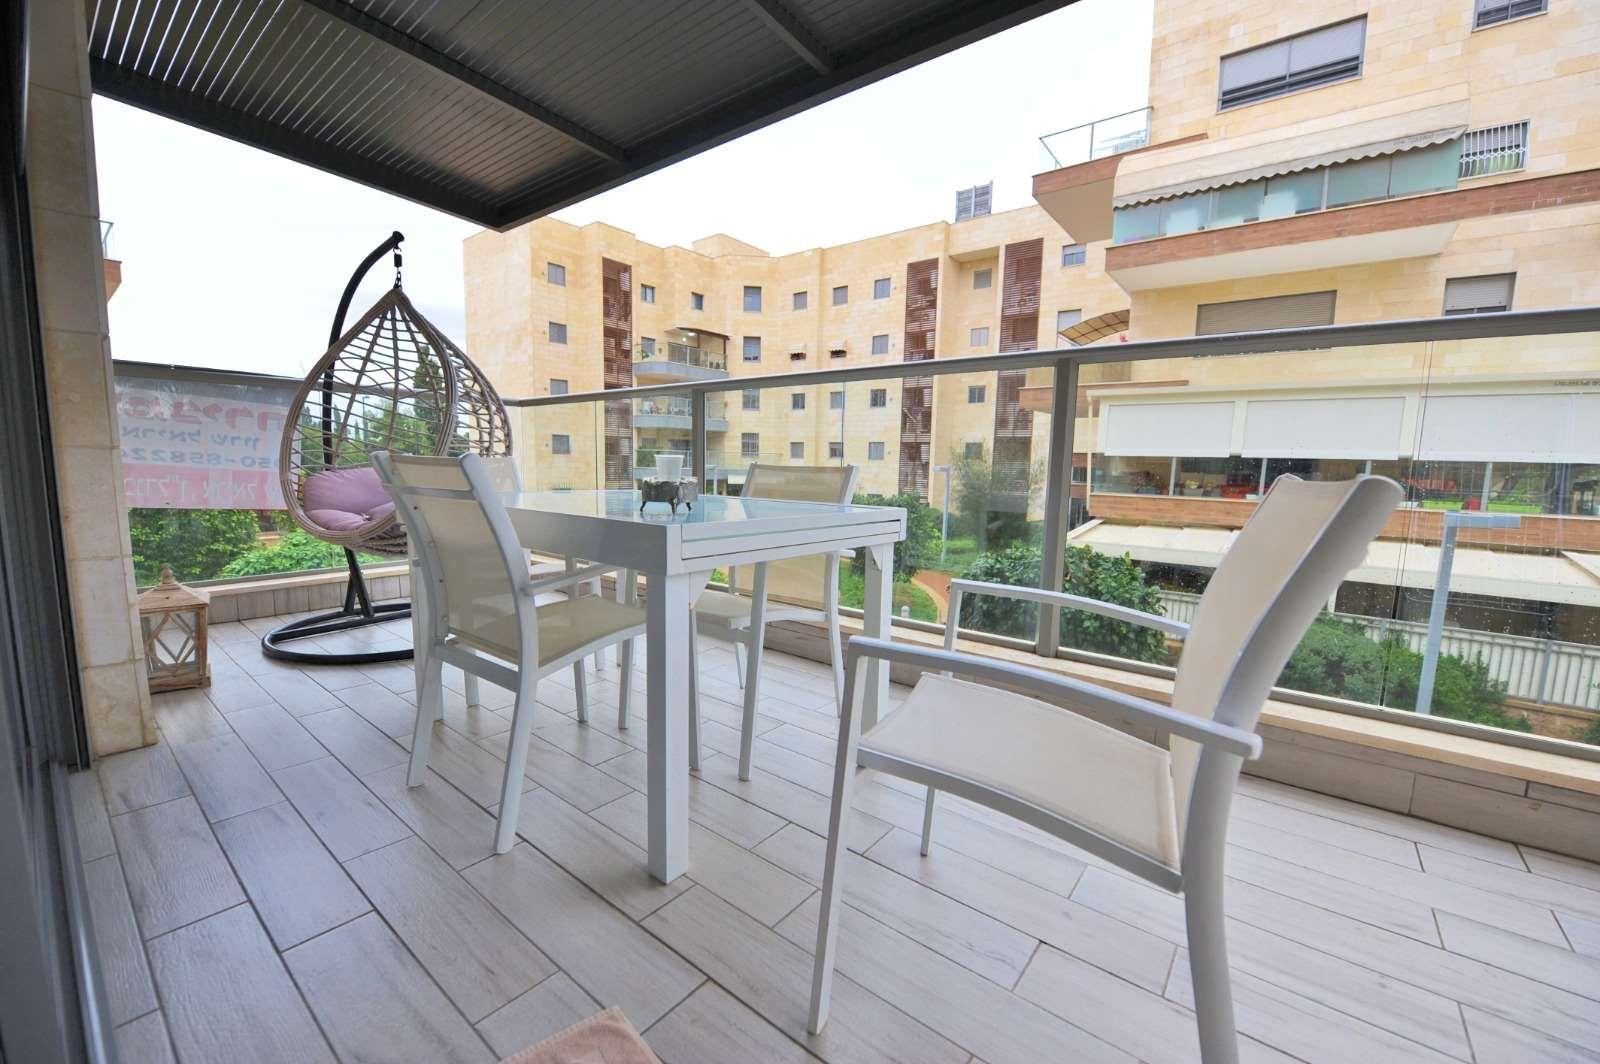 דירה למכירה 4 חדרים בראשון לציון יונה בוגלה